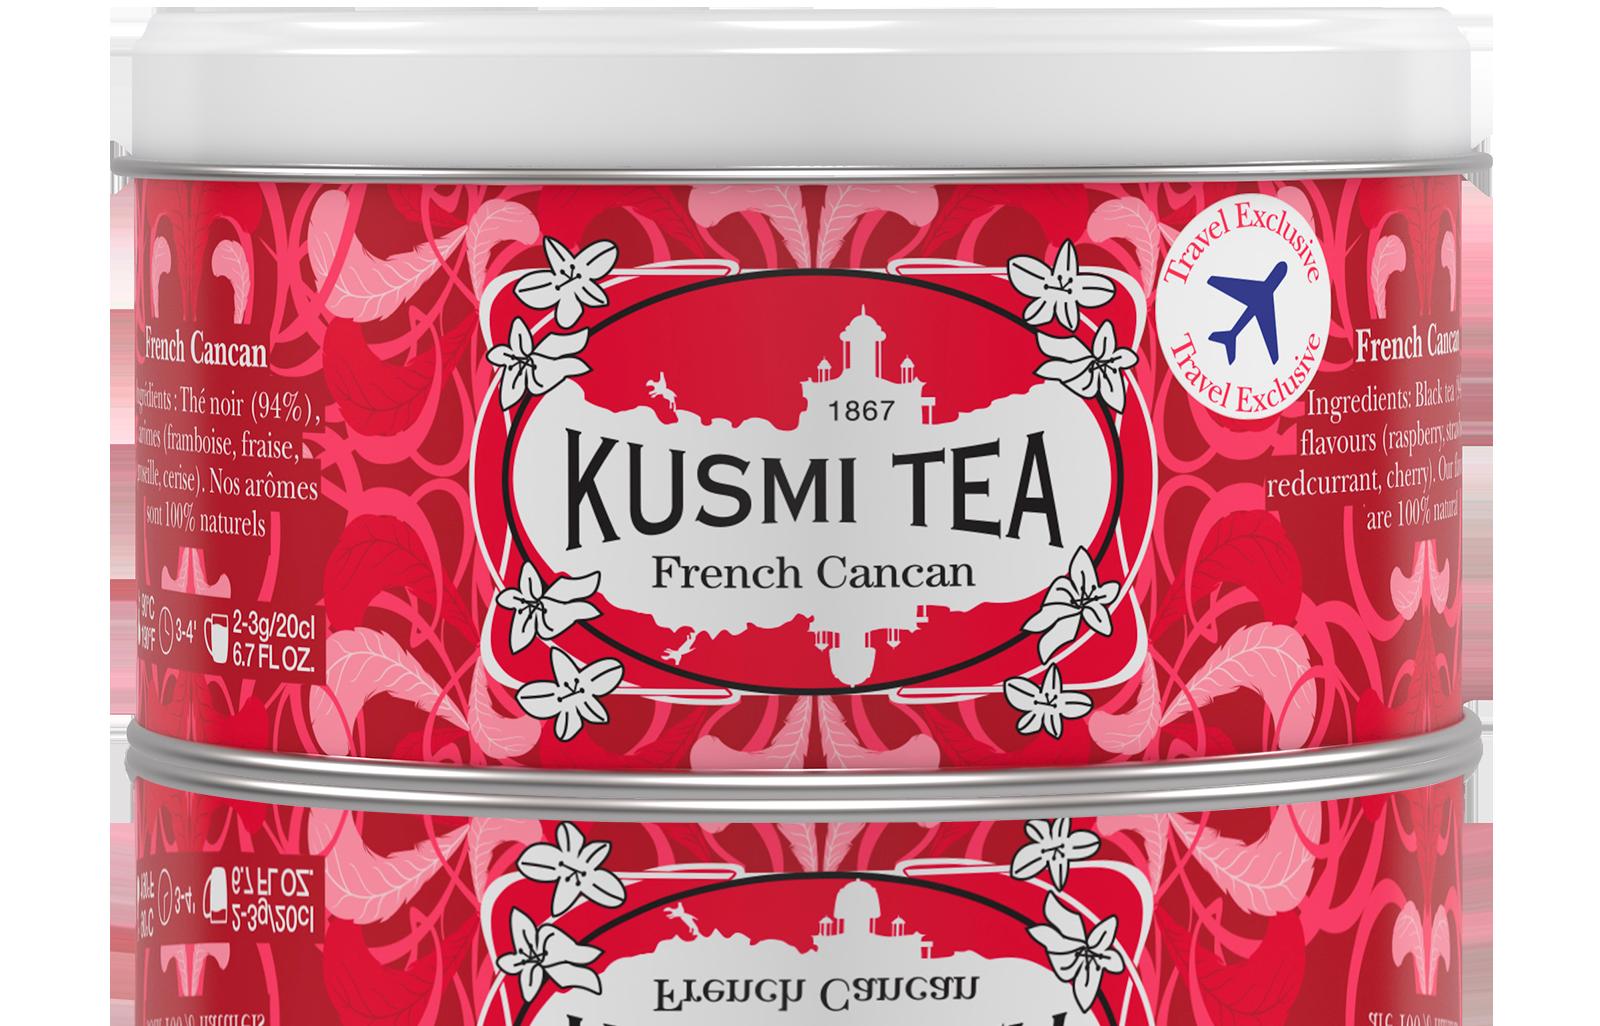 French Cancan - Thé noir, fruits rouges - Boîte de thé en vrac - Kusmi Tea